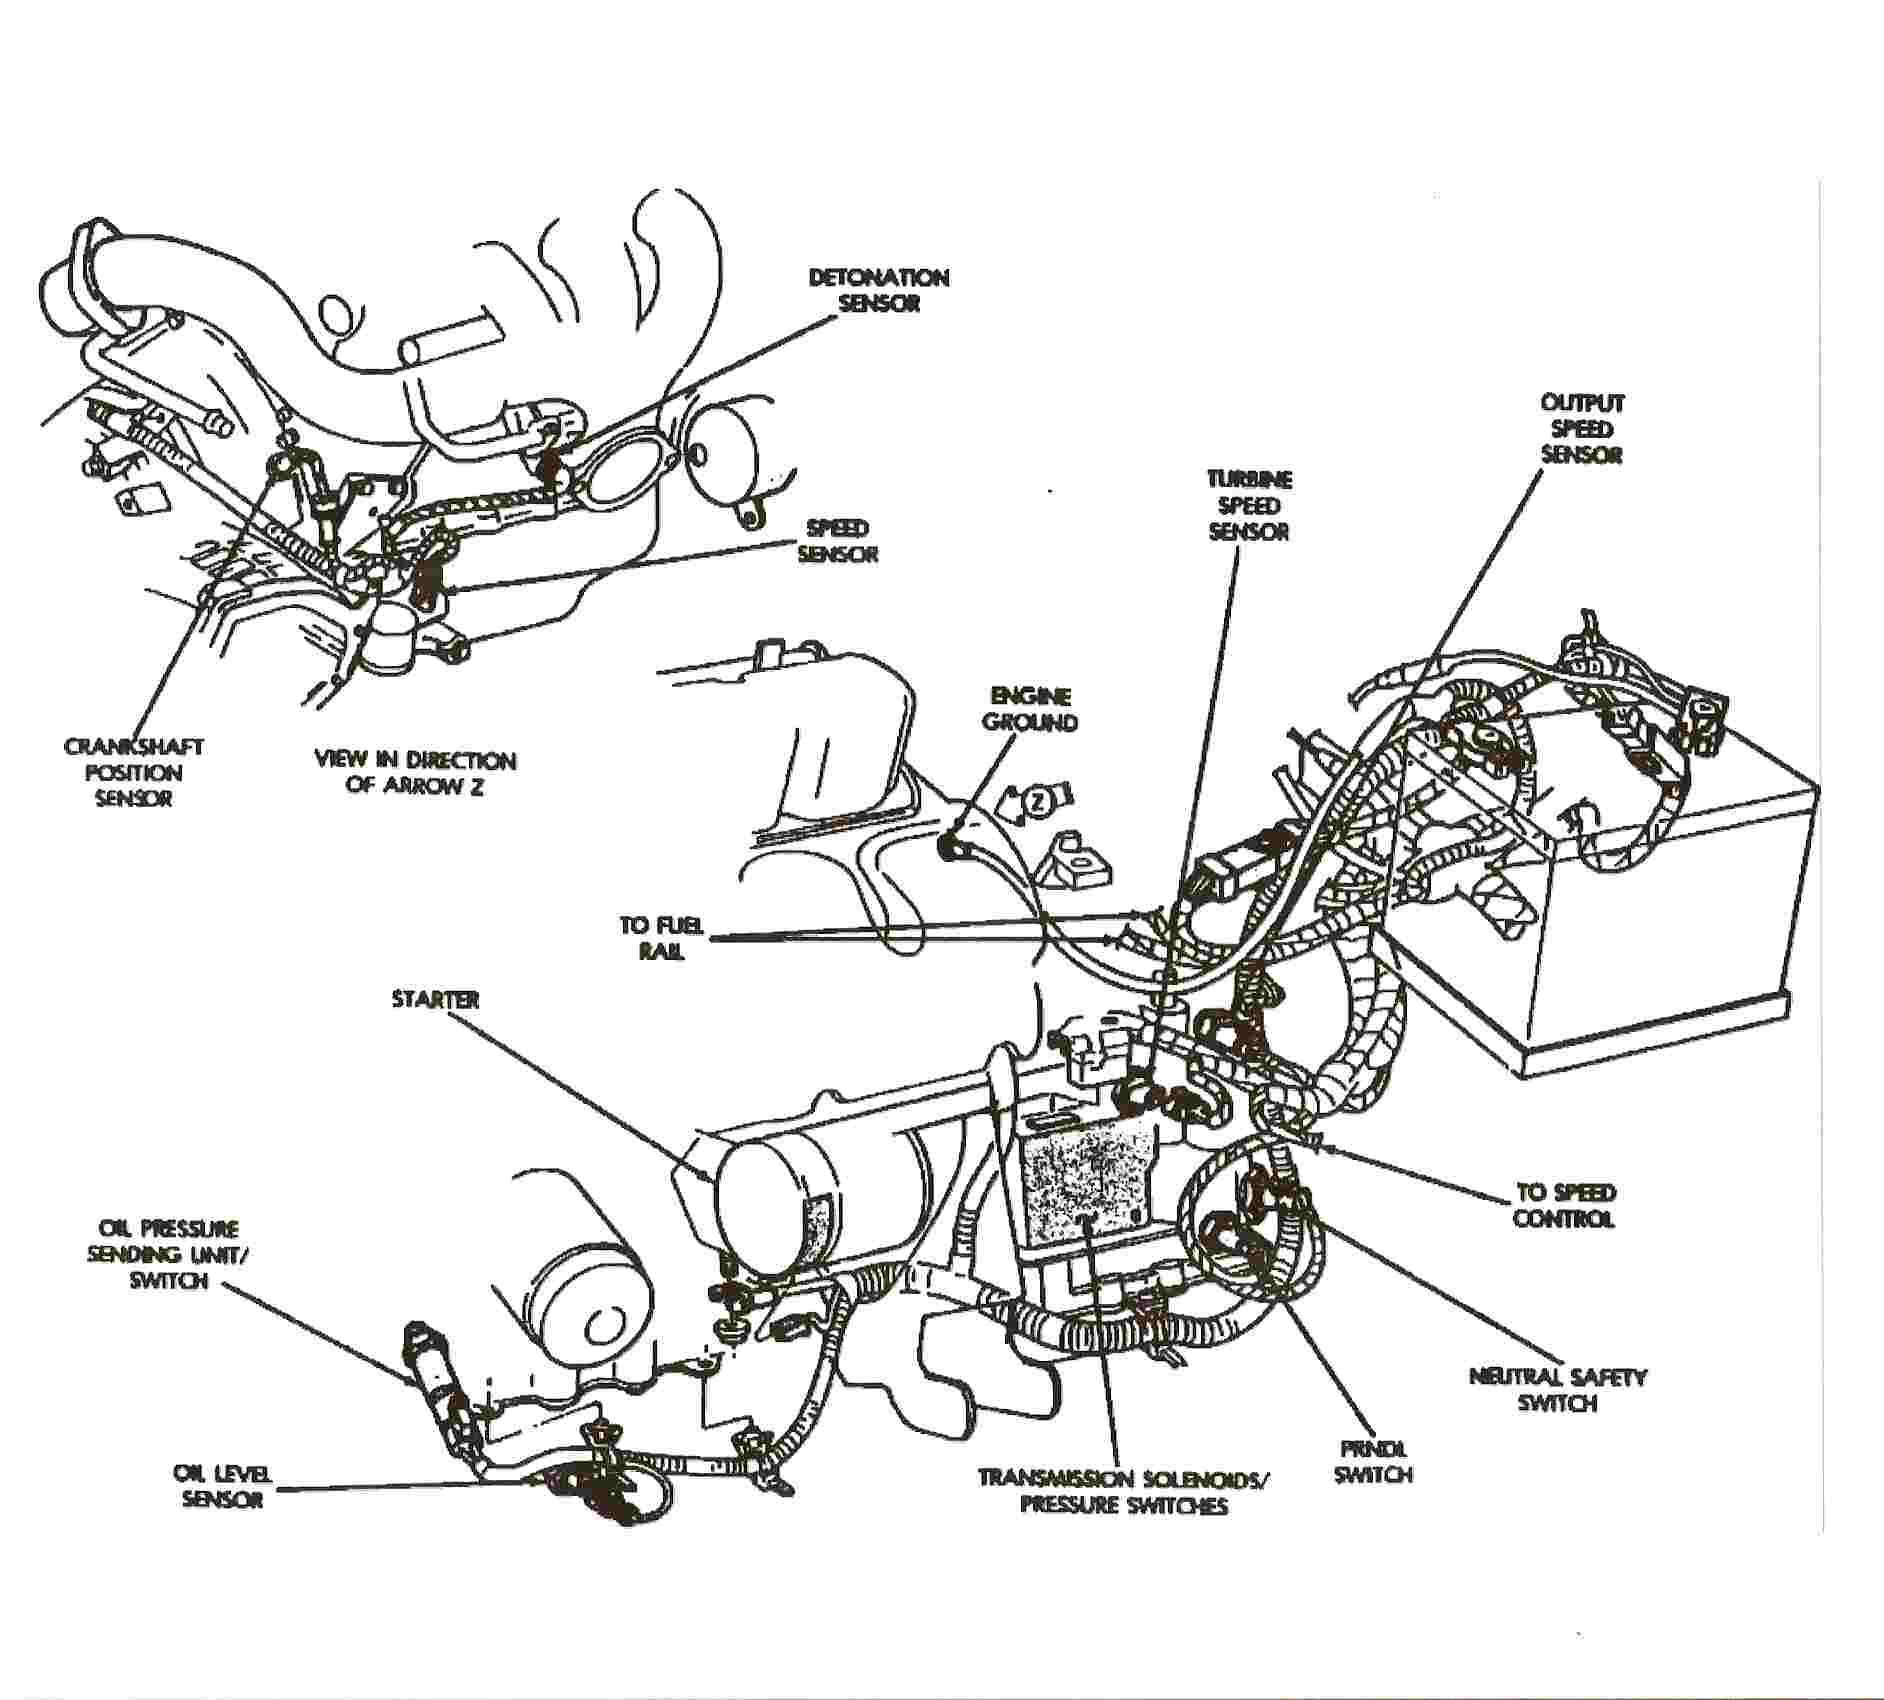 1991 dodge dynasty engine diagram  u2022 wiring diagram for free